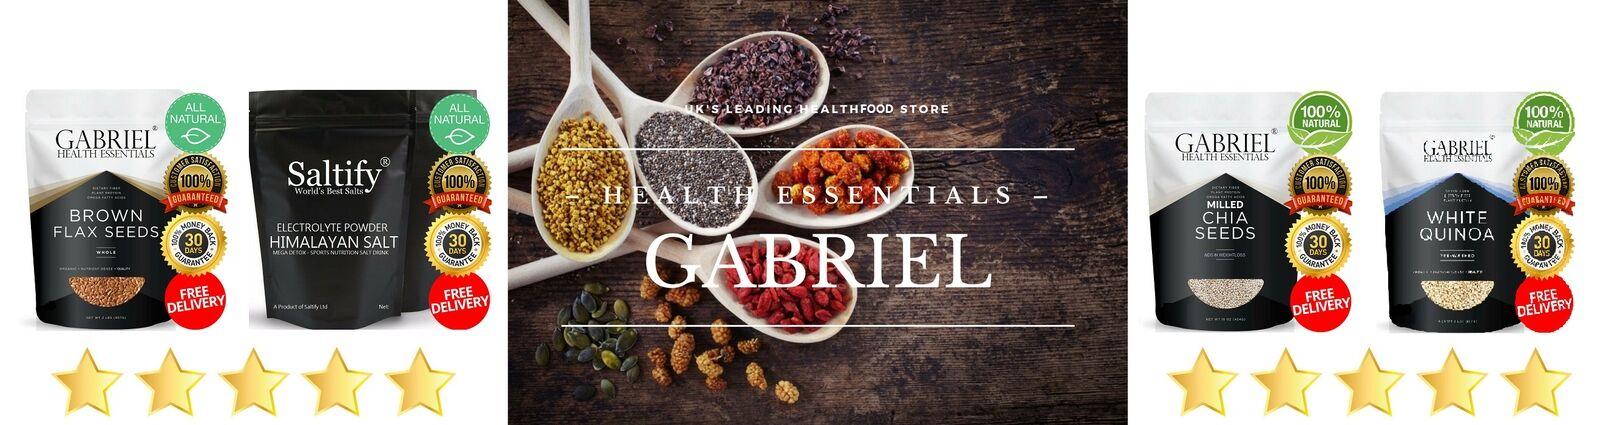 Gabriel Health Essentials